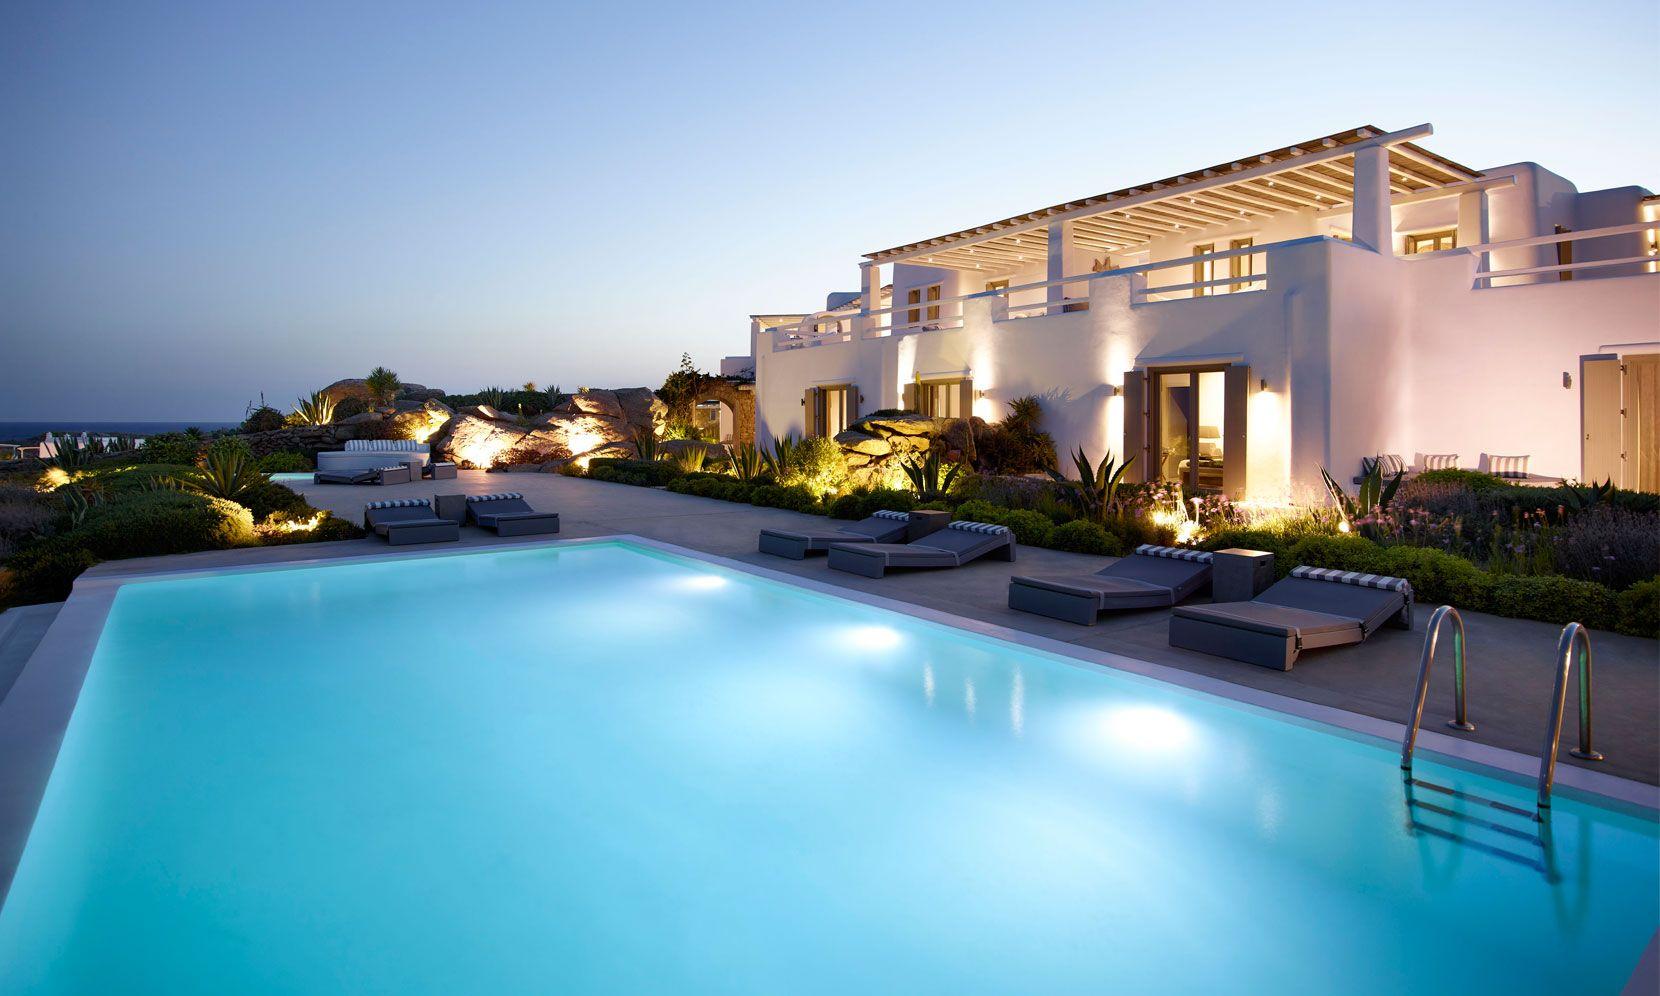 Mykonos Villa Oceanides 1 jumbotron image